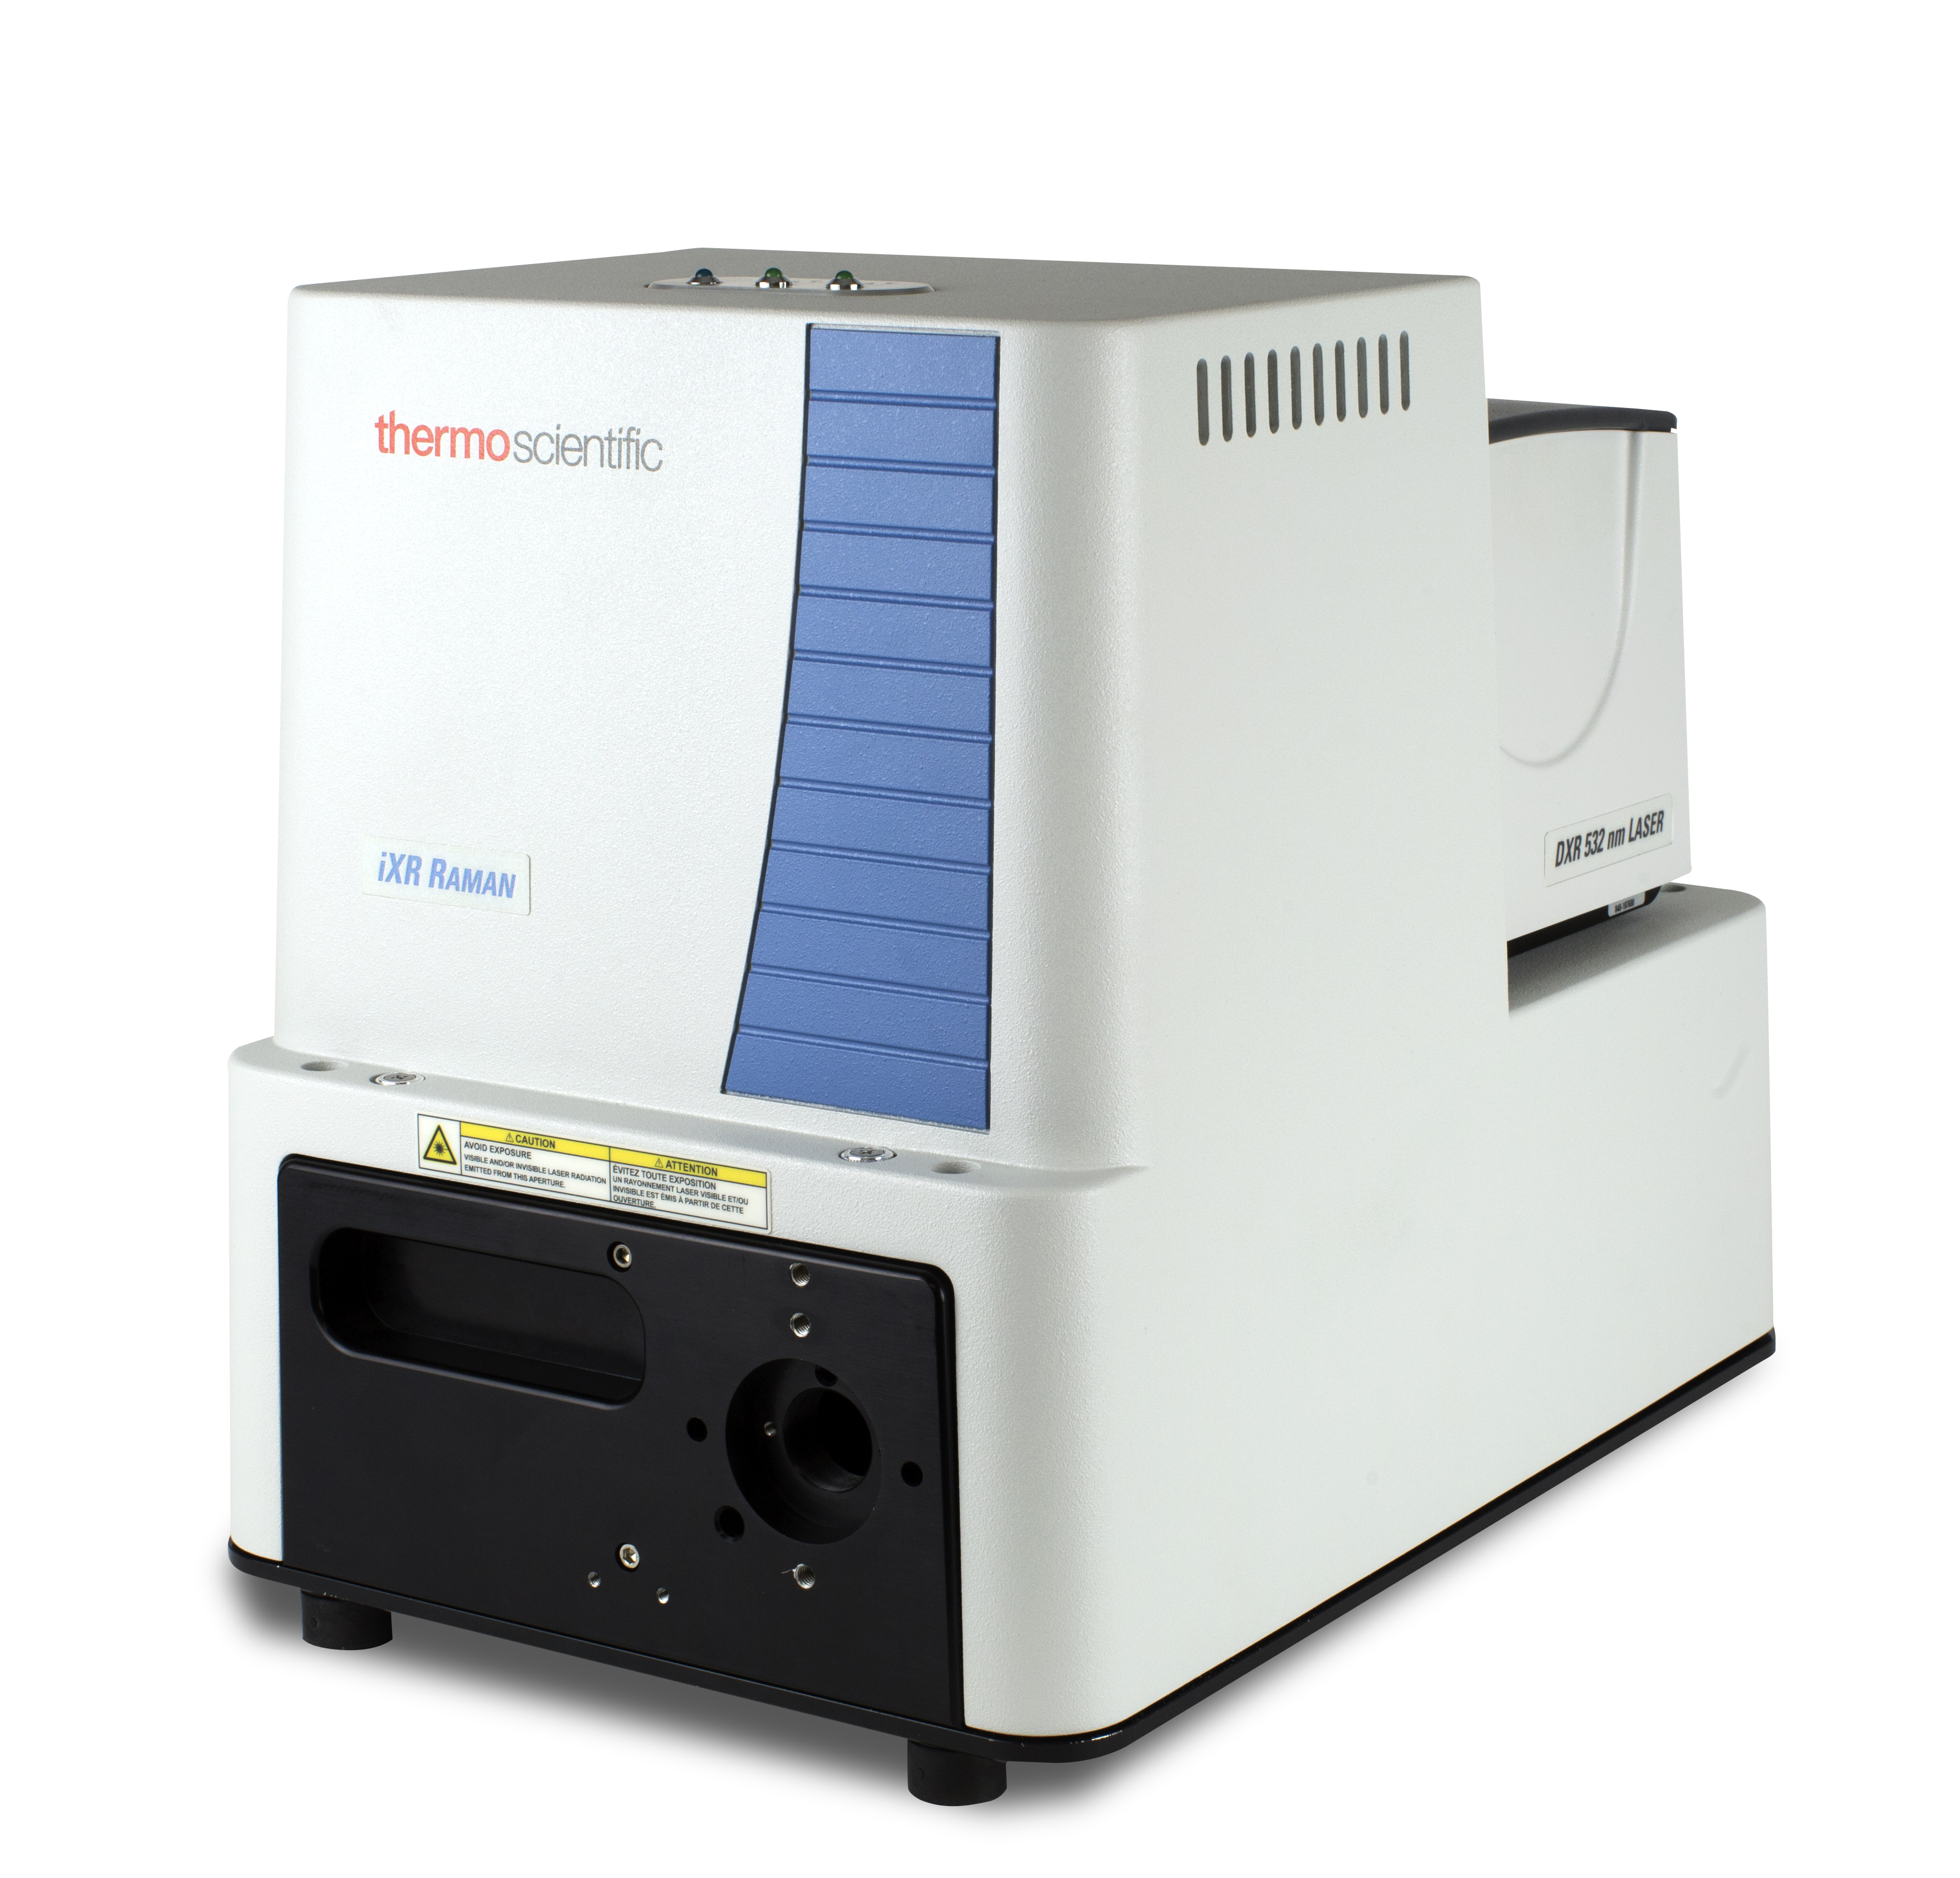 NOU: Spectrometru iXR Raman